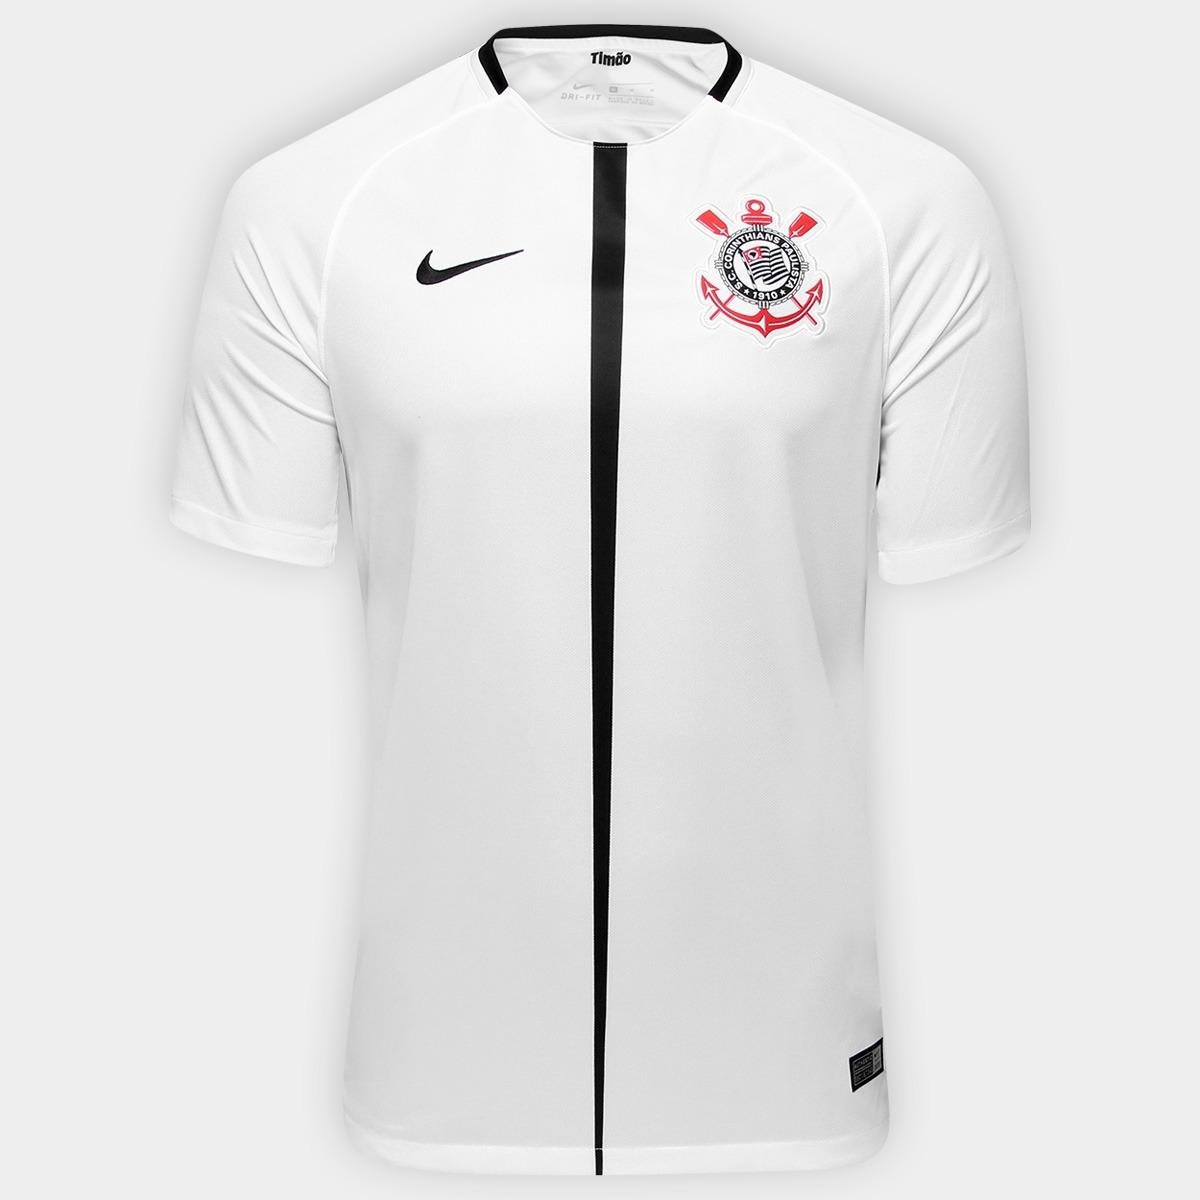 camiseta corinthians nova camisa corinthians 2018 timão. Carregando zoom. 9958ec7ffec4f